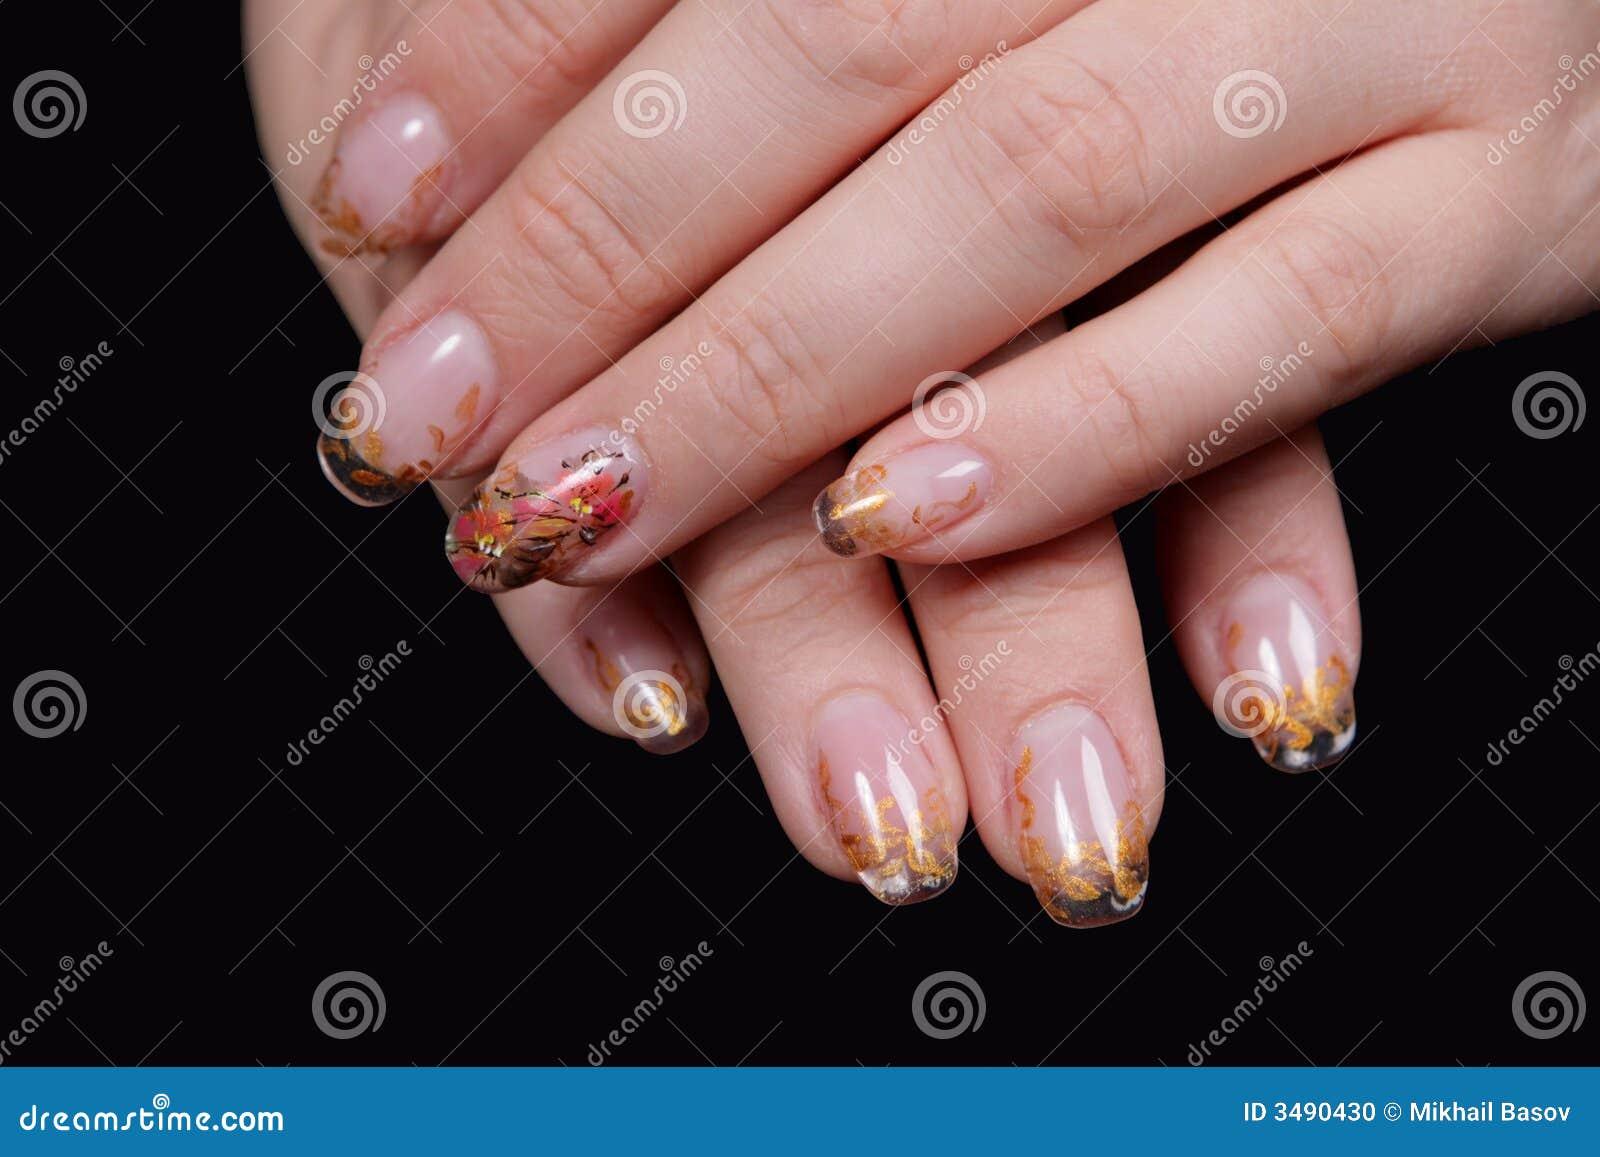 Schöne Hände, Die Nägel Zeigen Stockfoto - Bild von pinsel, maniküre ...